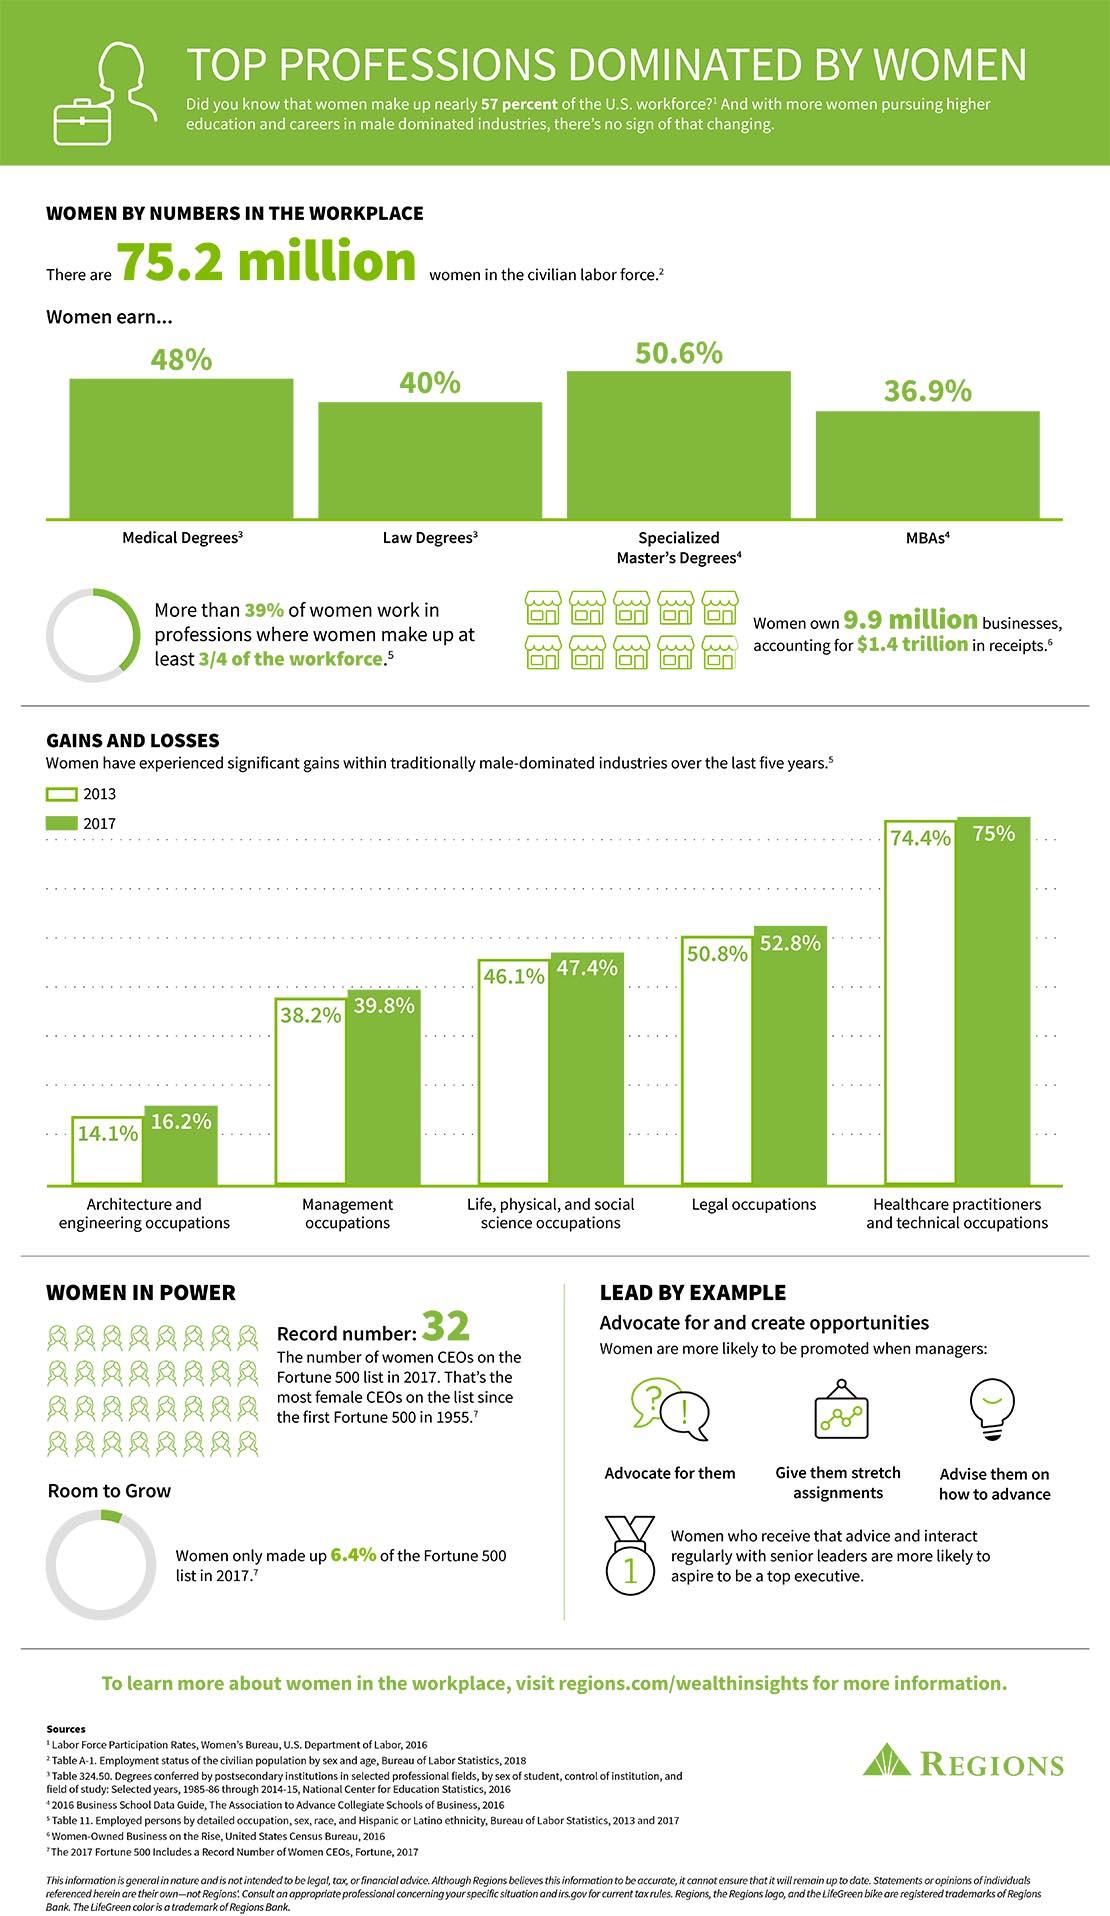 infografíasobre la igualdad en el lugar de trabajo